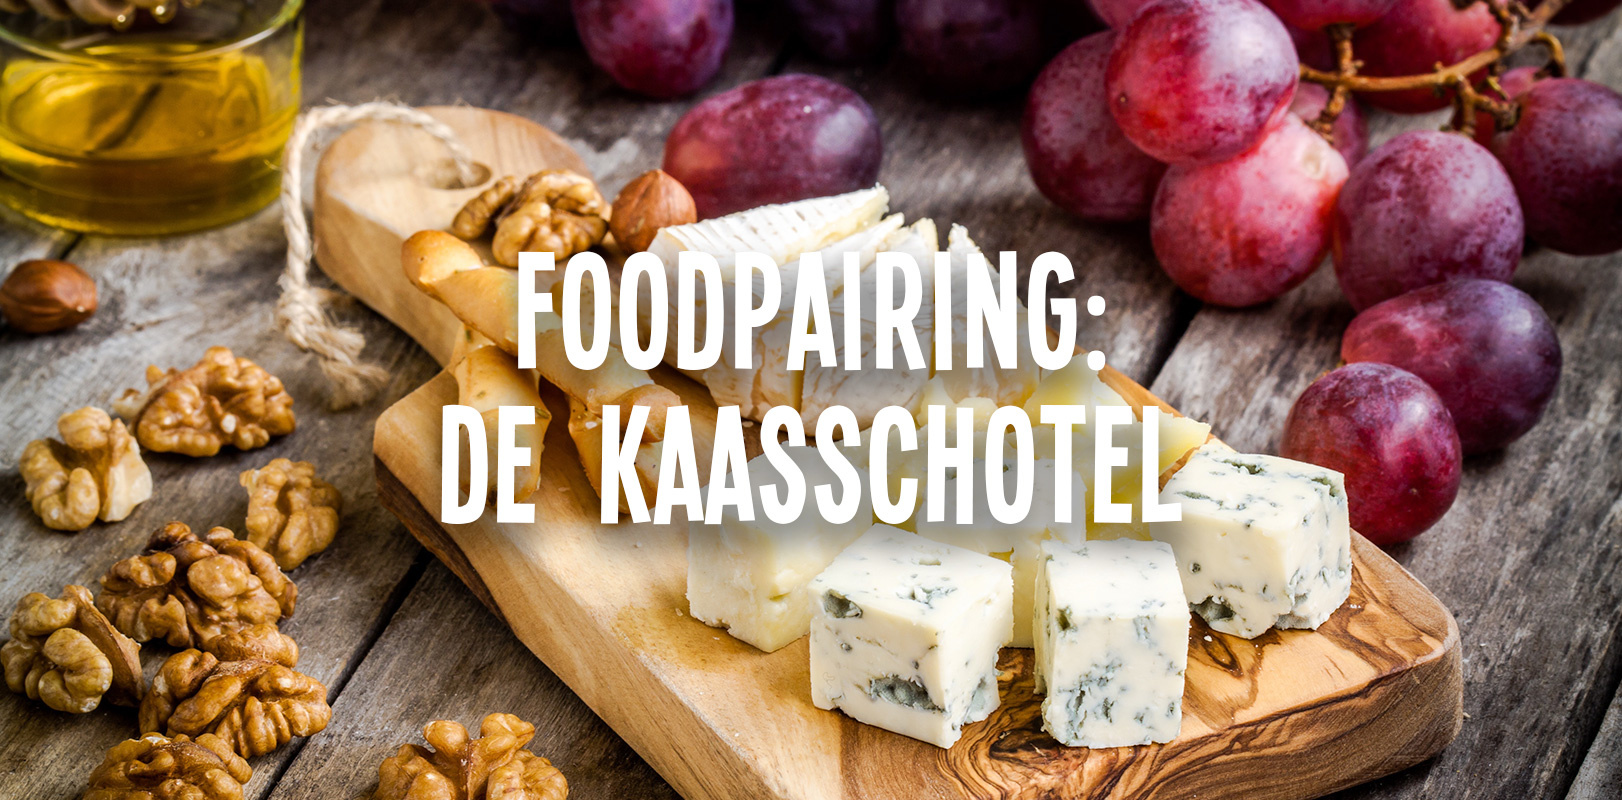 Foodpairing: De kaasschotel